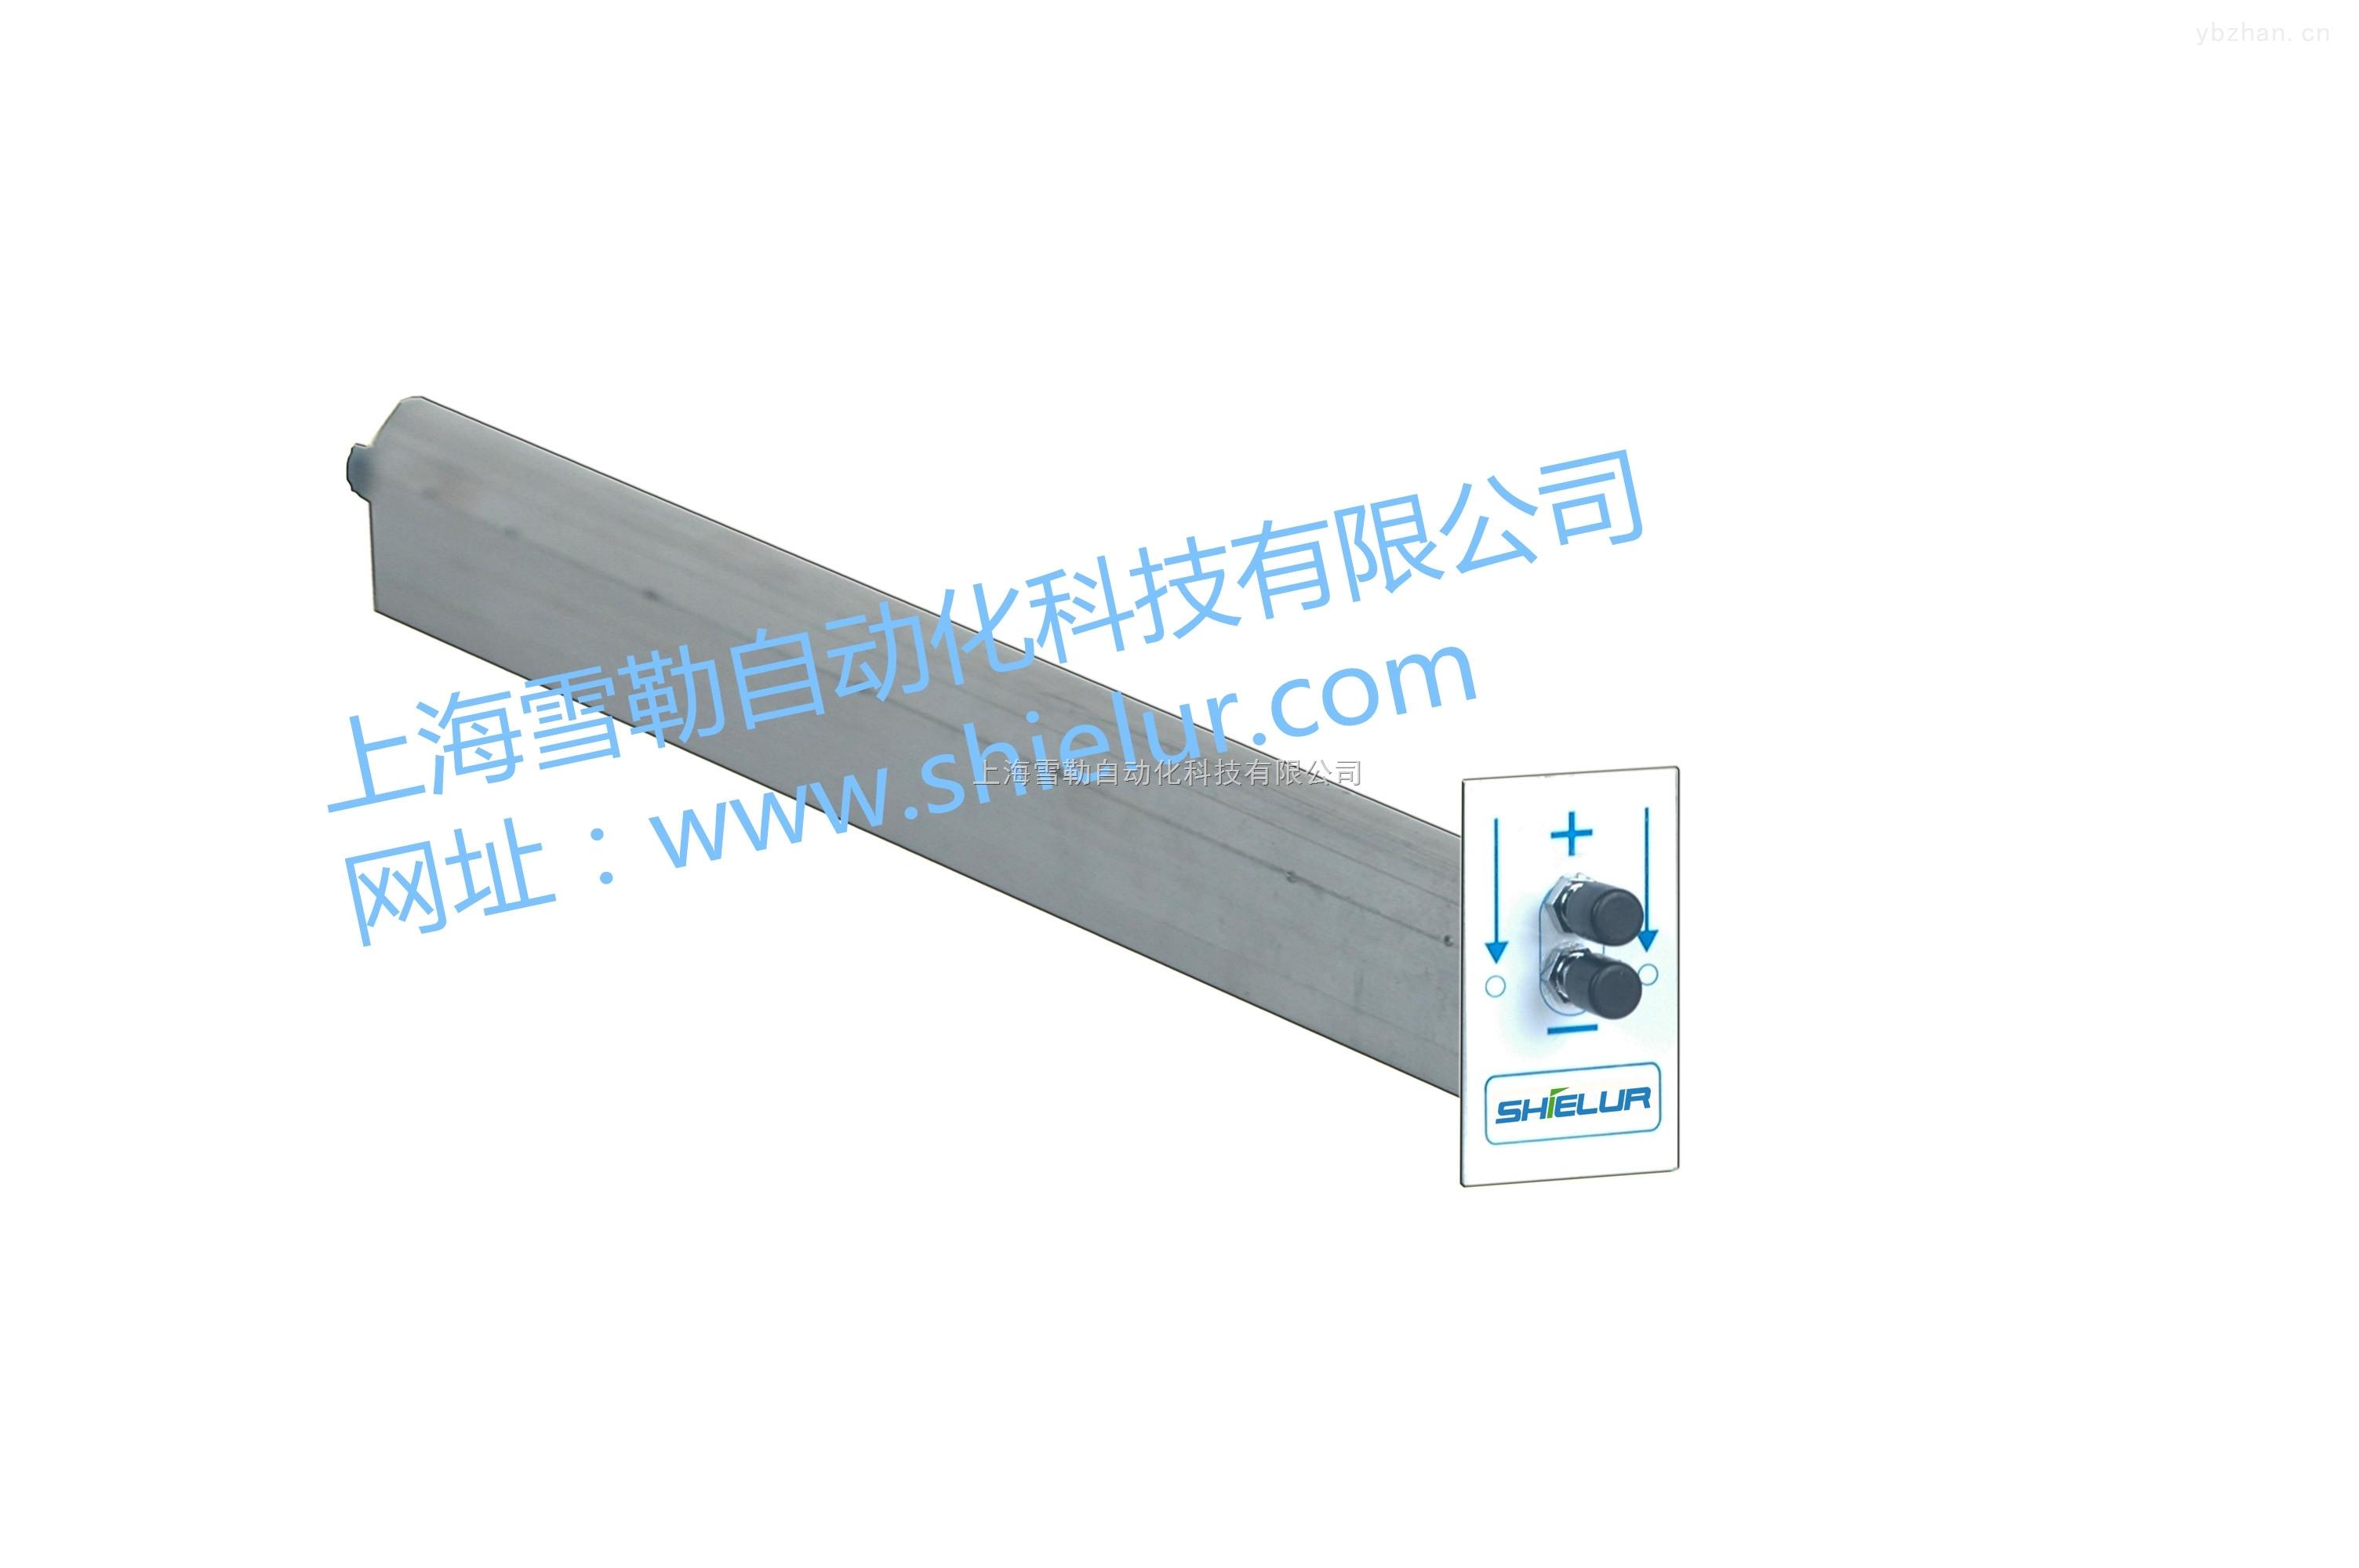 ASF-300-SHIELUR/雪勒自动化,平均式风速风量测片300mm,空调通风烟气净化送排气系统